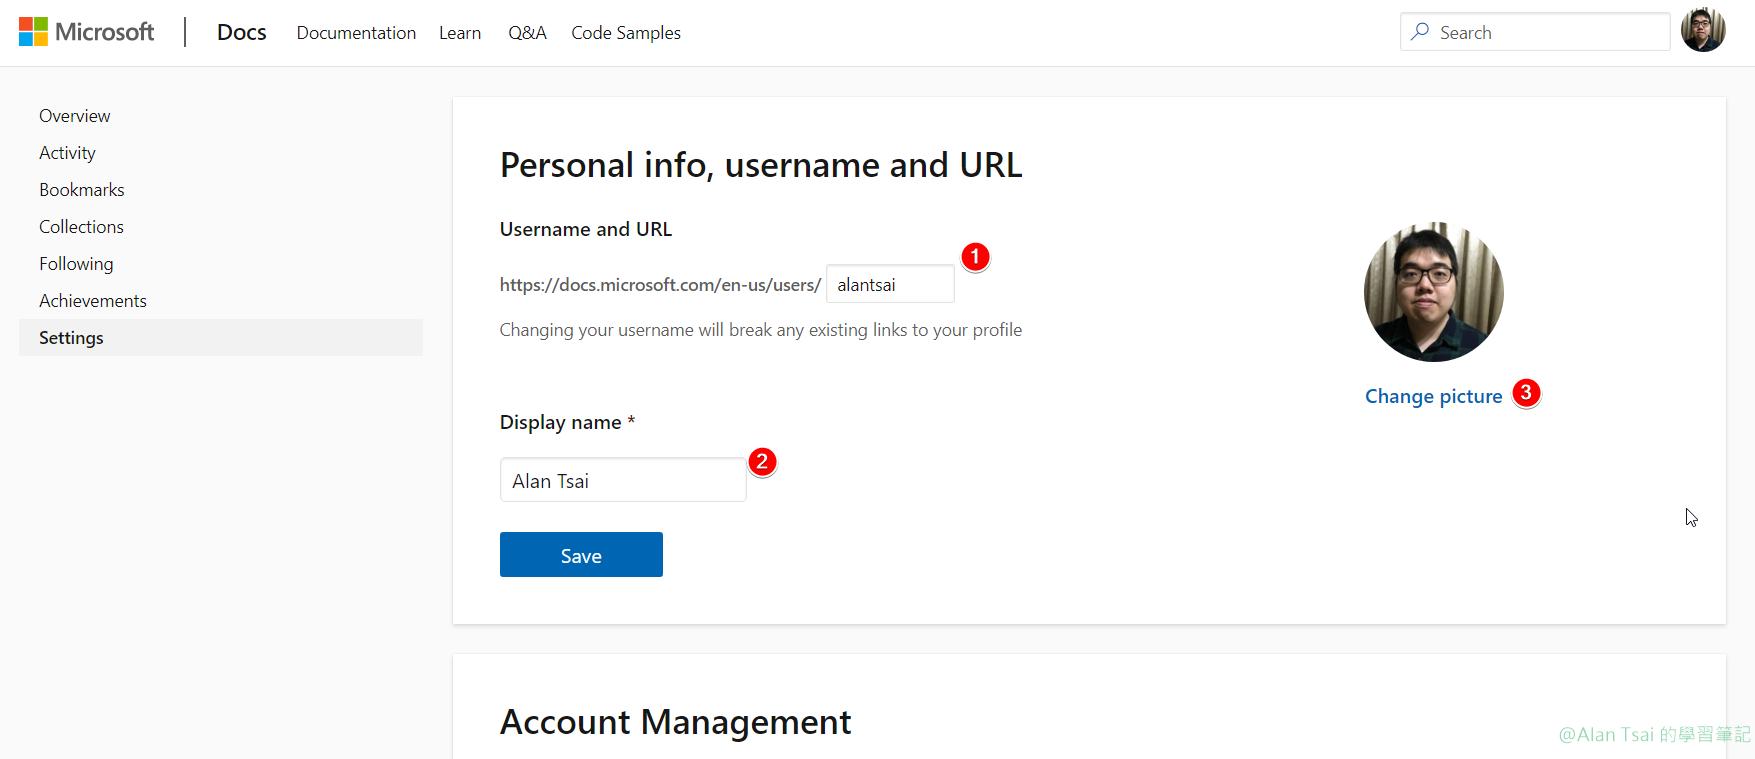 設定 profile 網址、名稱以及頭像